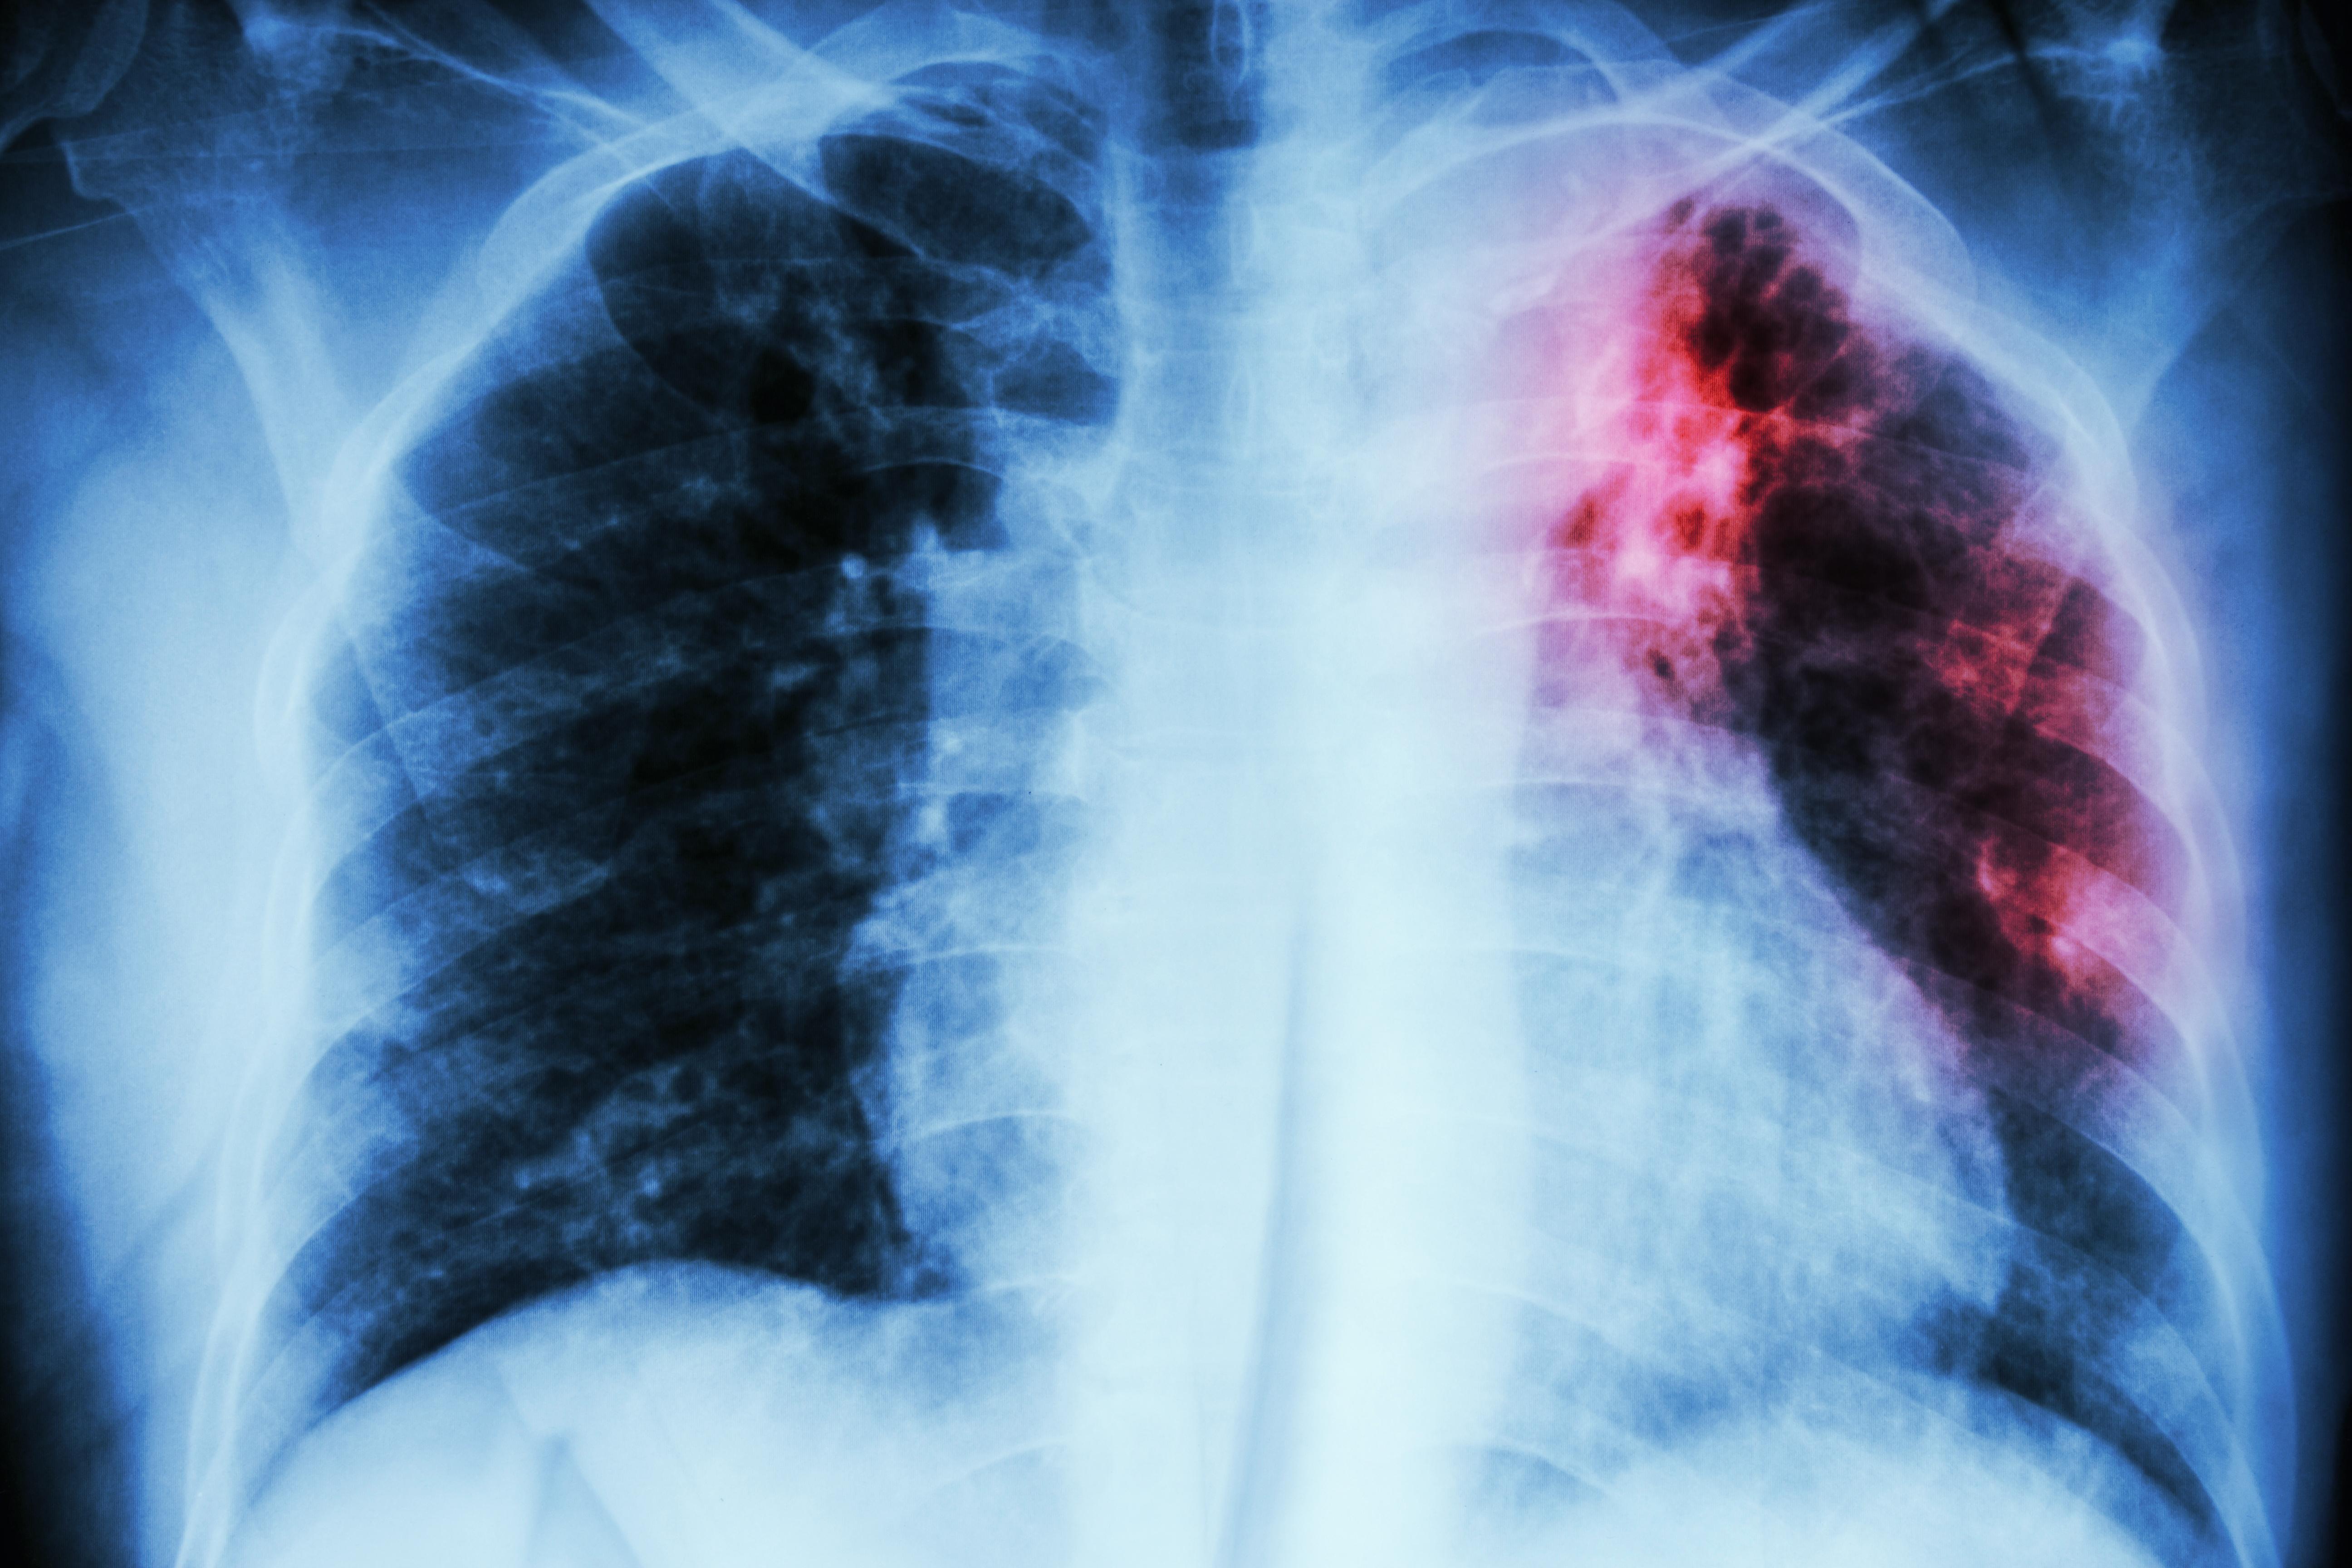 Tuberkulos är en infektionssjukdom som främst påverkar lungorna.